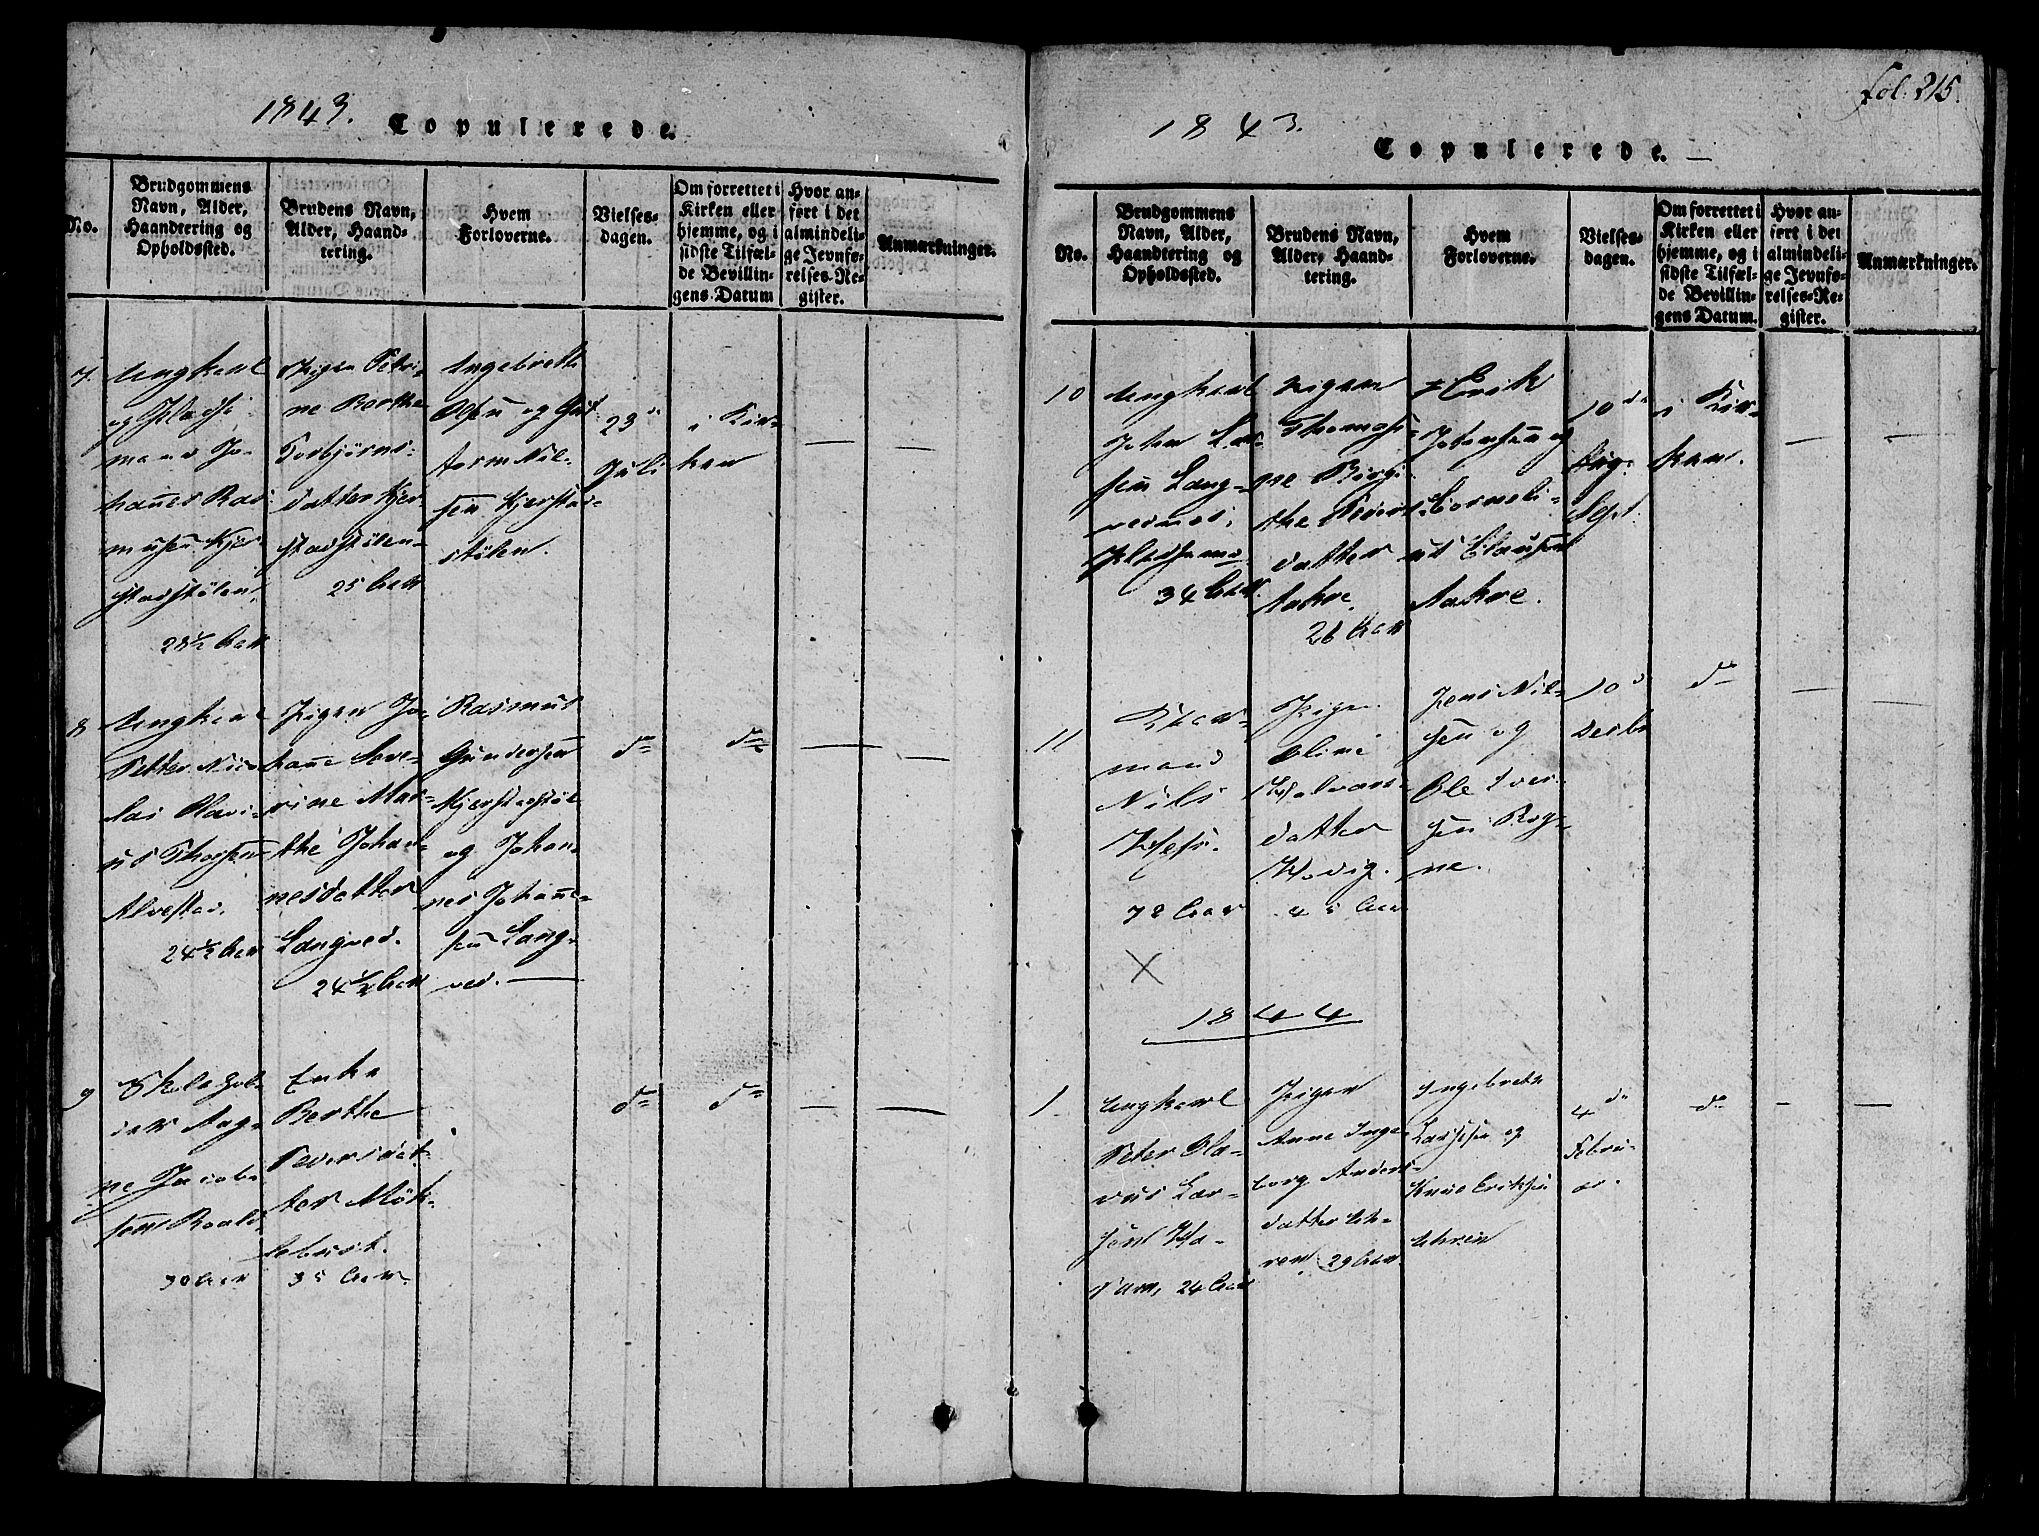 SAT, Ministerialprotokoller, klokkerbøker og fødselsregistre - Møre og Romsdal, 536/L0495: Ministerialbok nr. 536A04, 1818-1847, s. 215